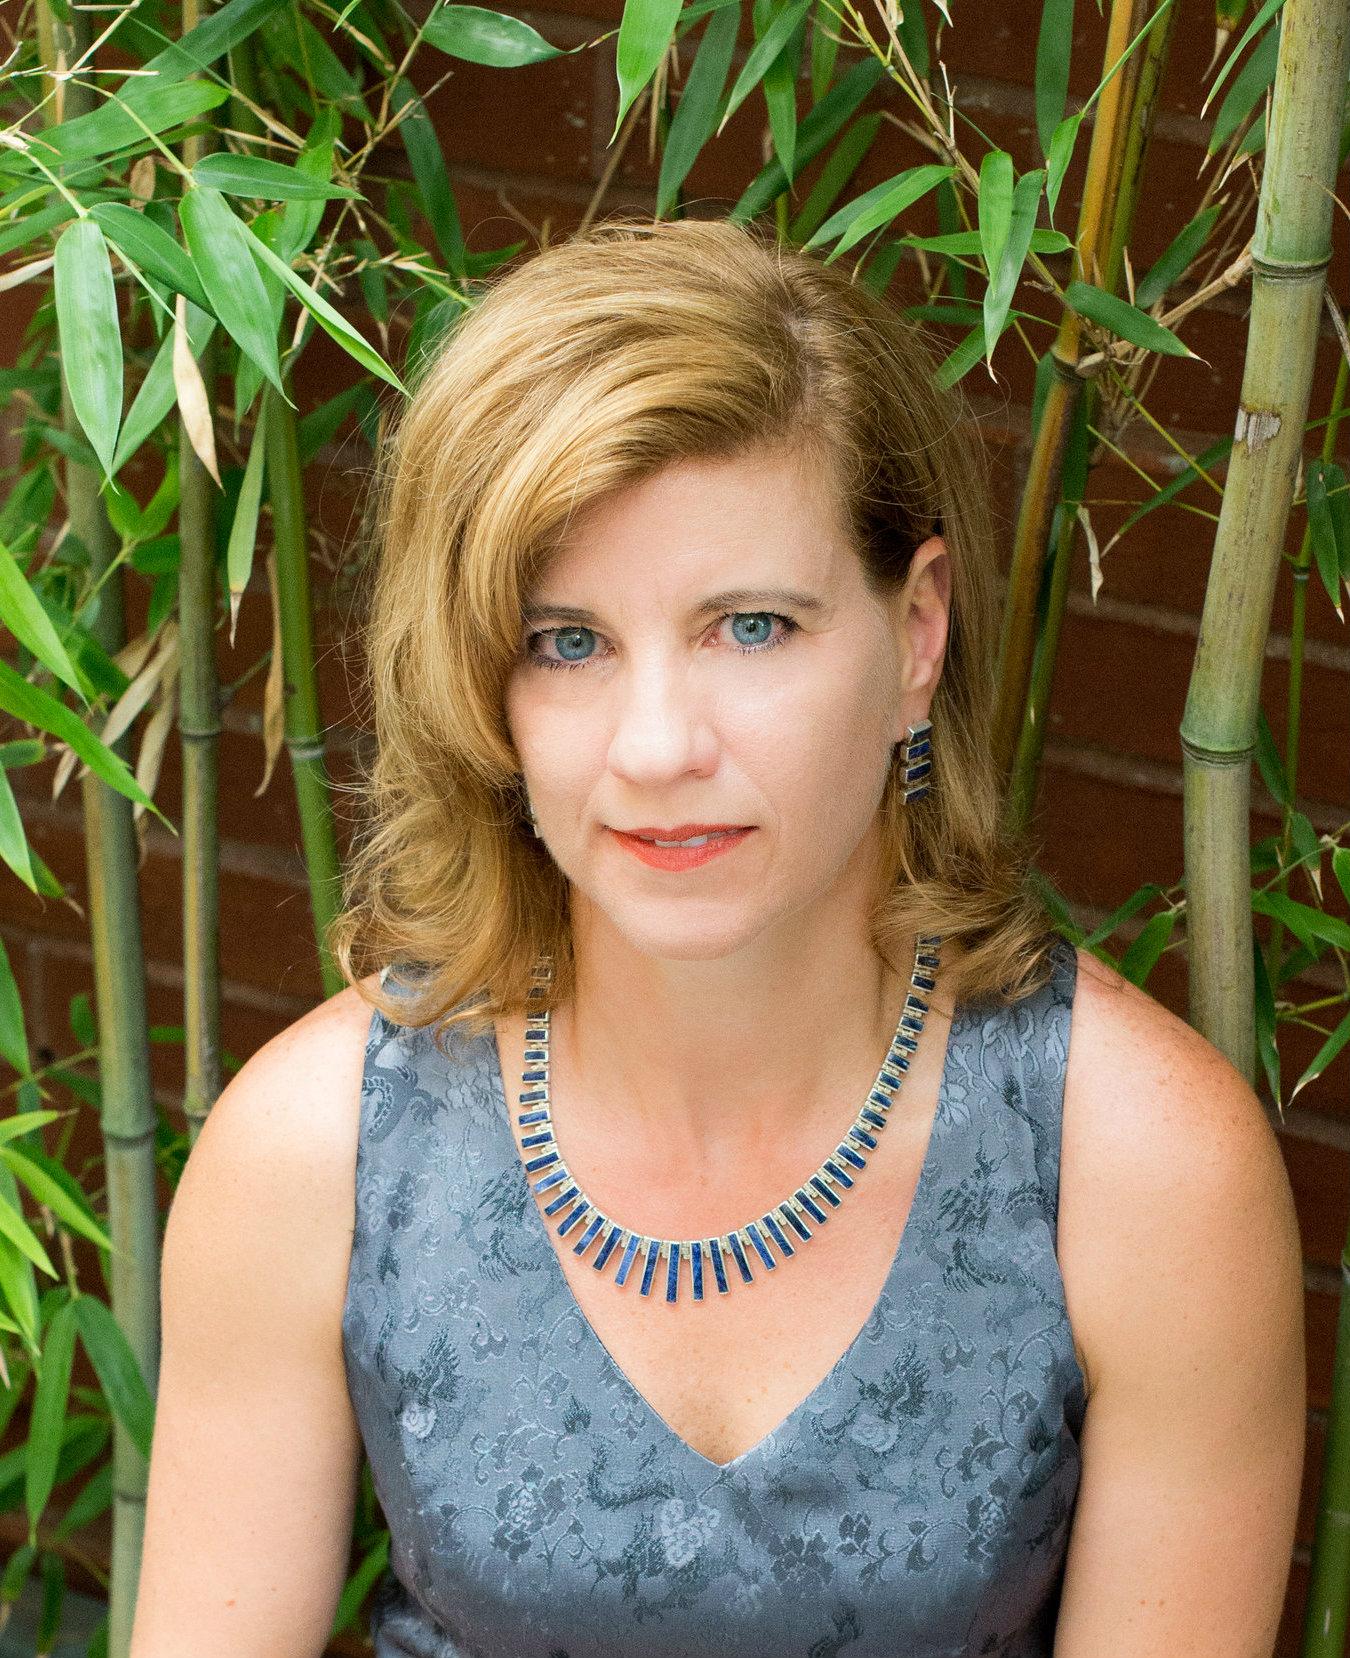 Chantal Jauvin (Courtesy of Chantal Jauvin)